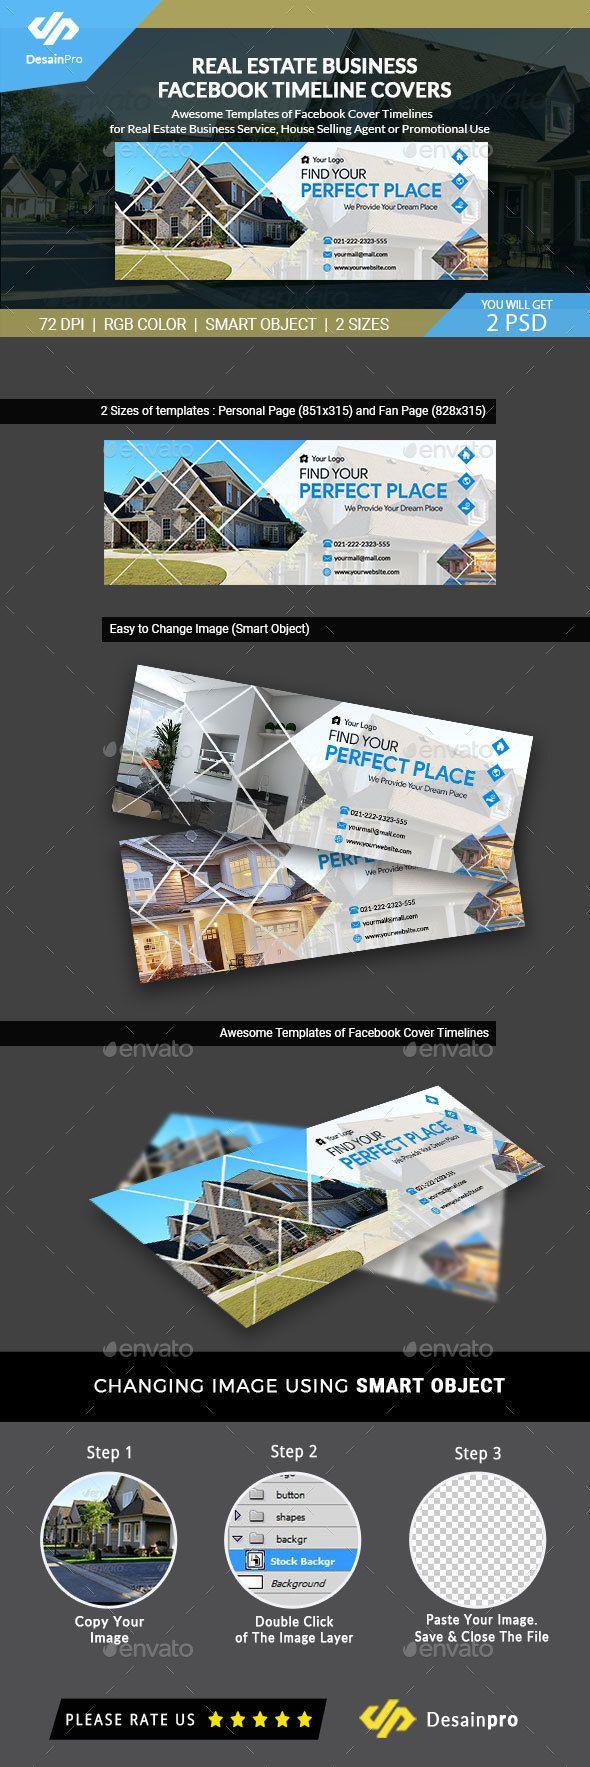 real estate fb cover timeline template psd ar facebook timeline